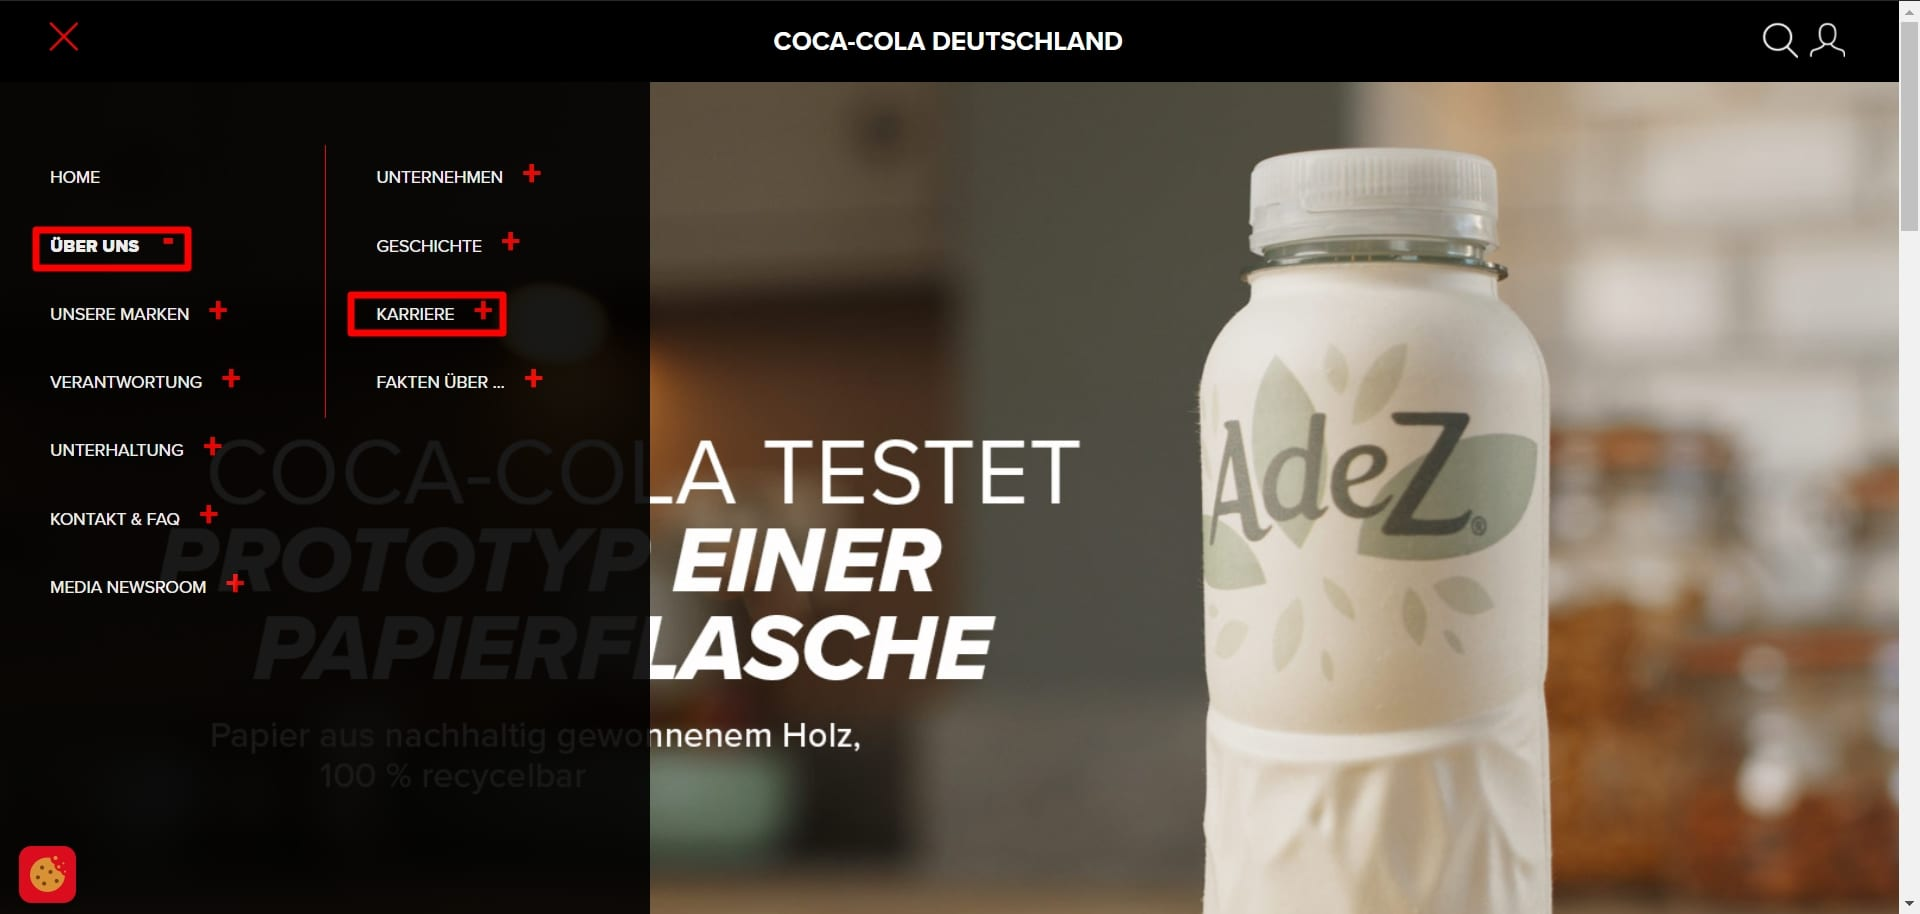 Bewerben bei Coca-Cola? Dank schlechter Auffindbarkeit kaum möglich